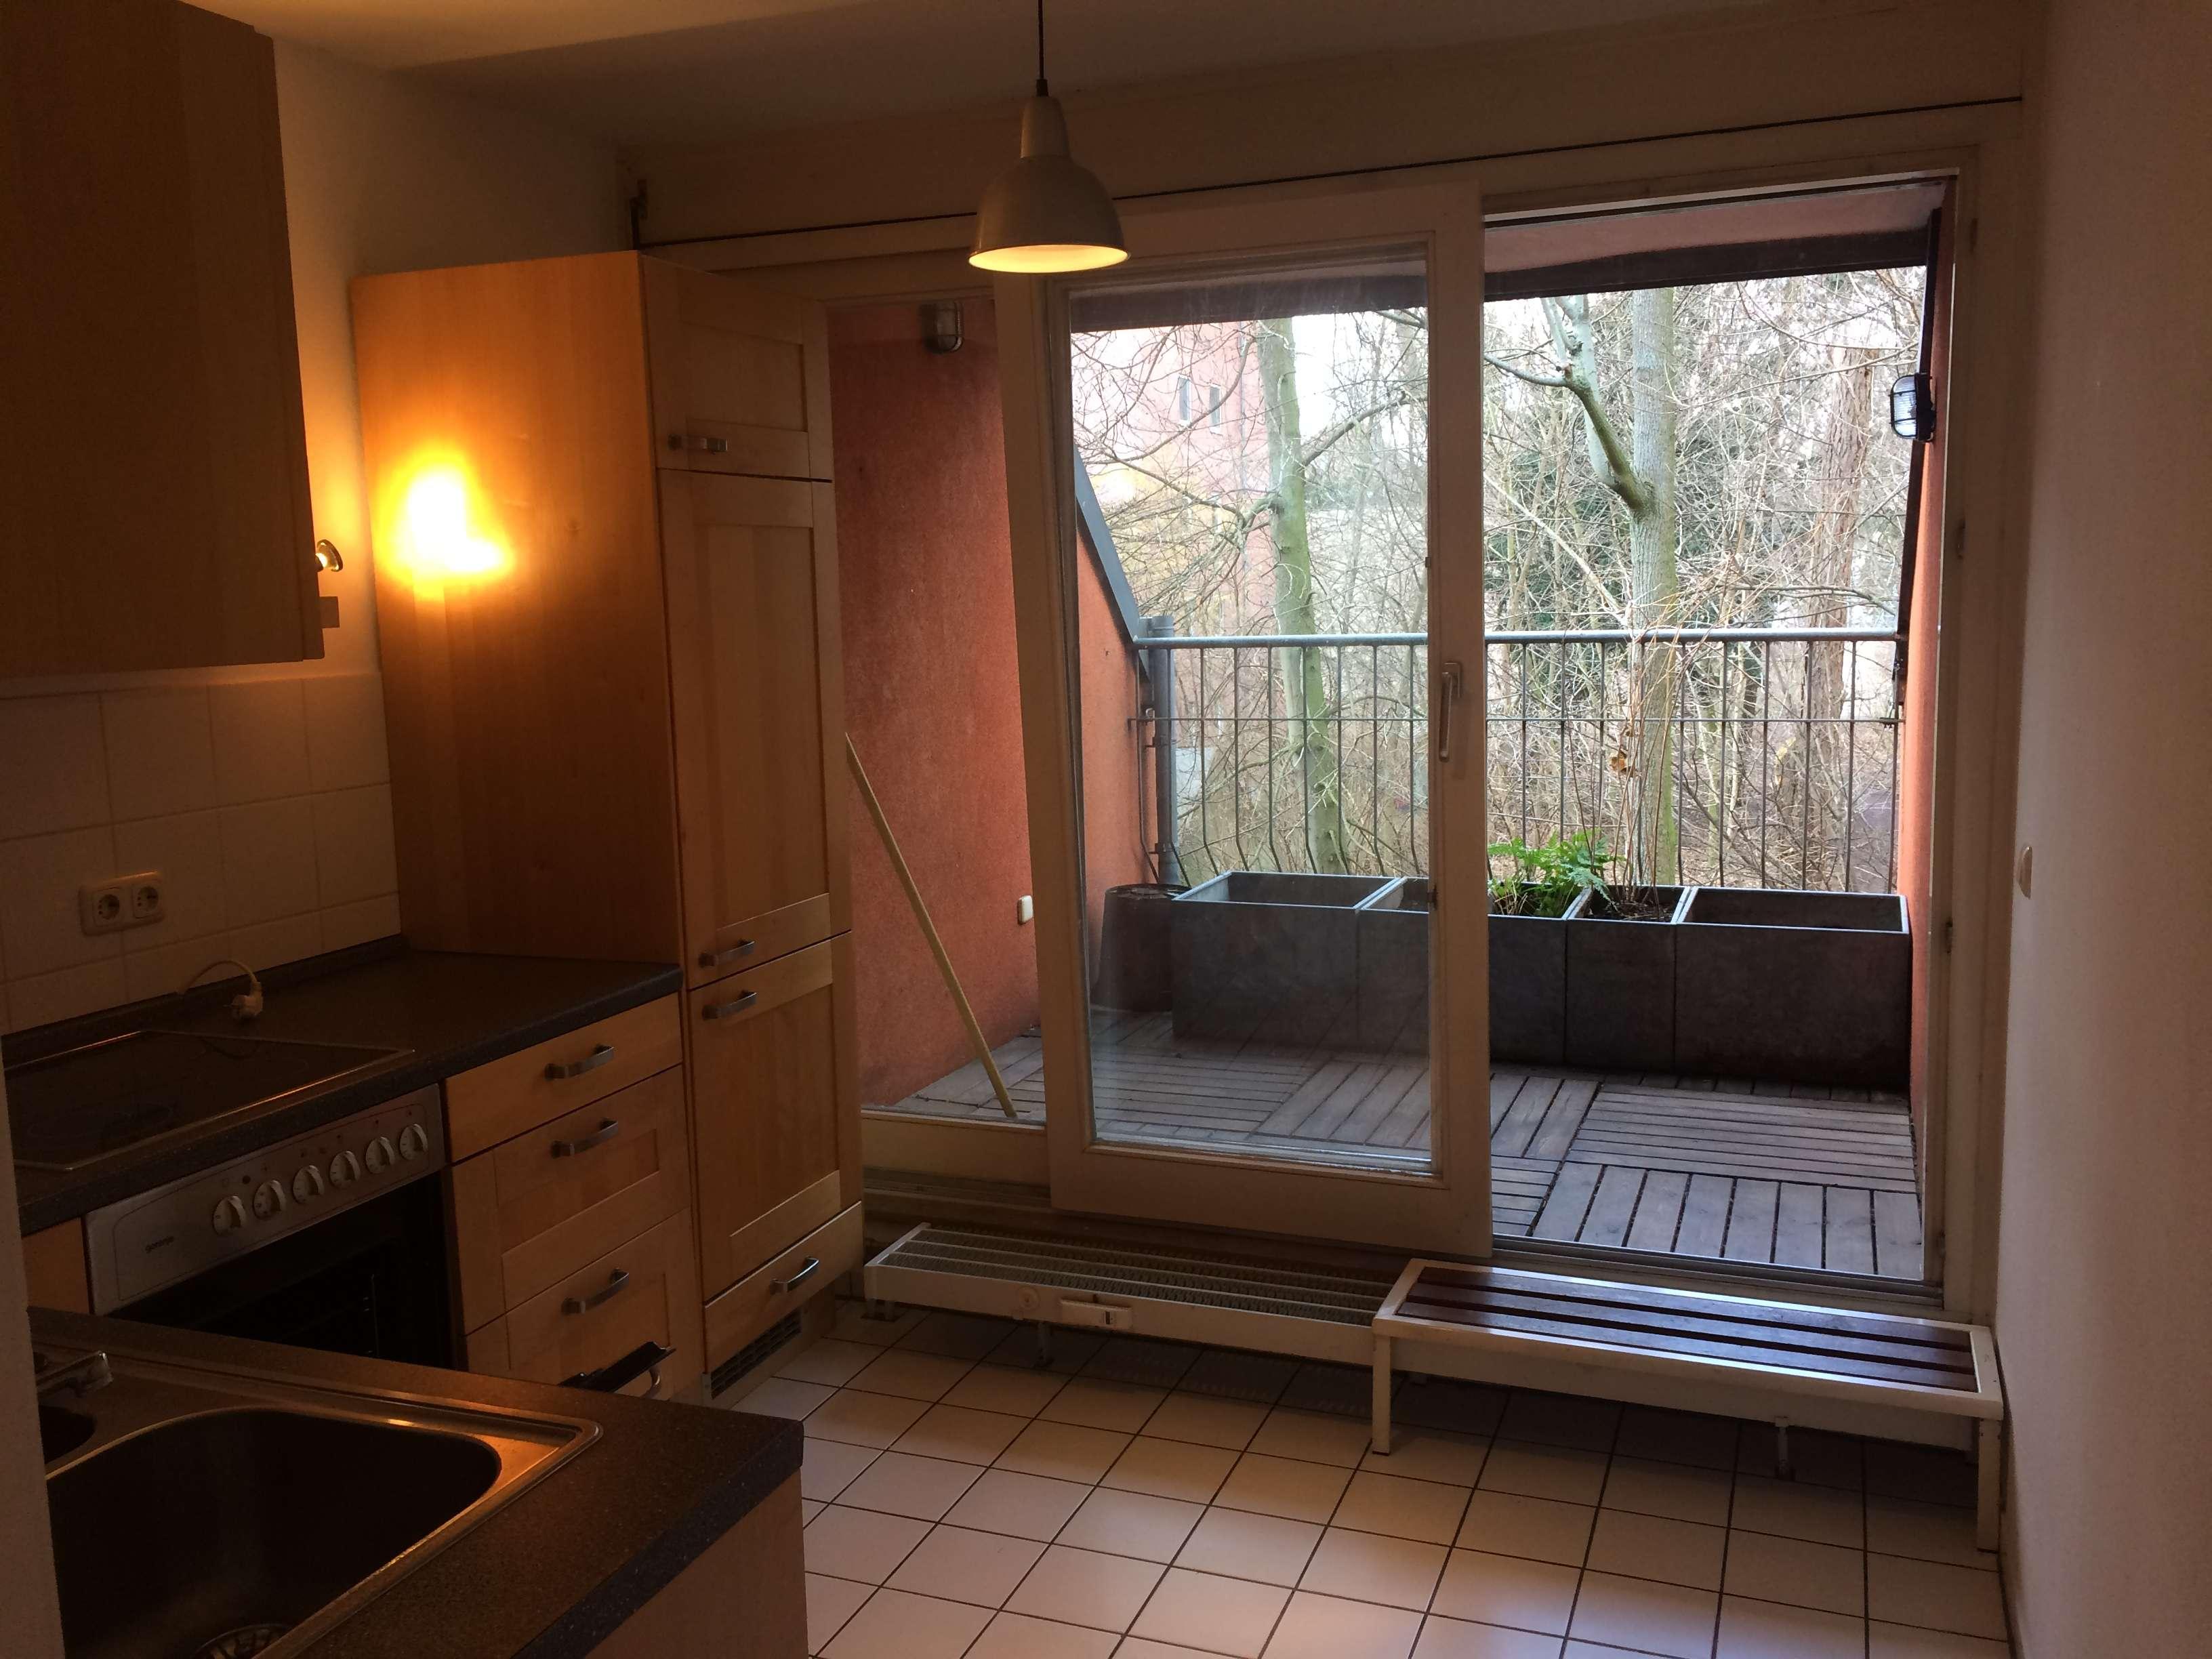 Schicke Wohnung mit Balkon und EBK in Bester Nordstadt Lage in Pirckheimerstraße (Nürnberg)